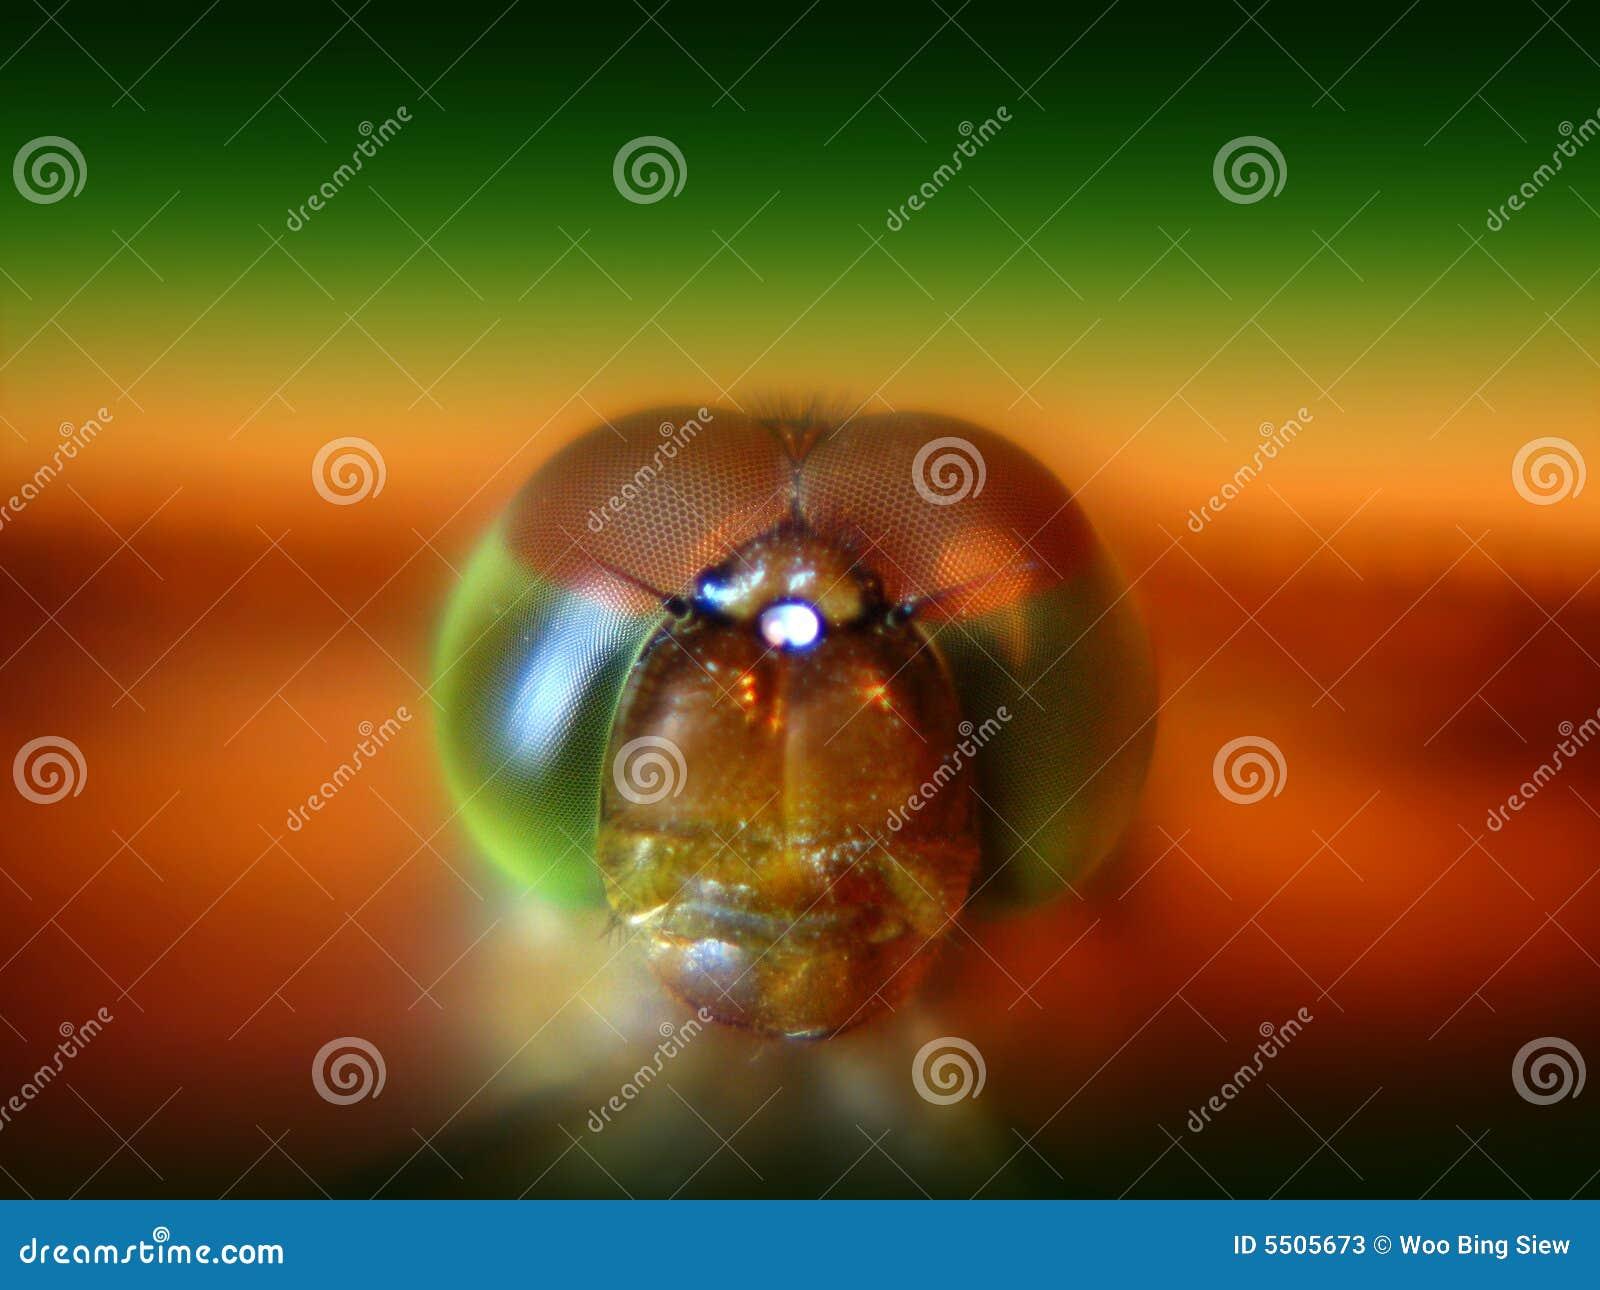 Dragonfly eyes s